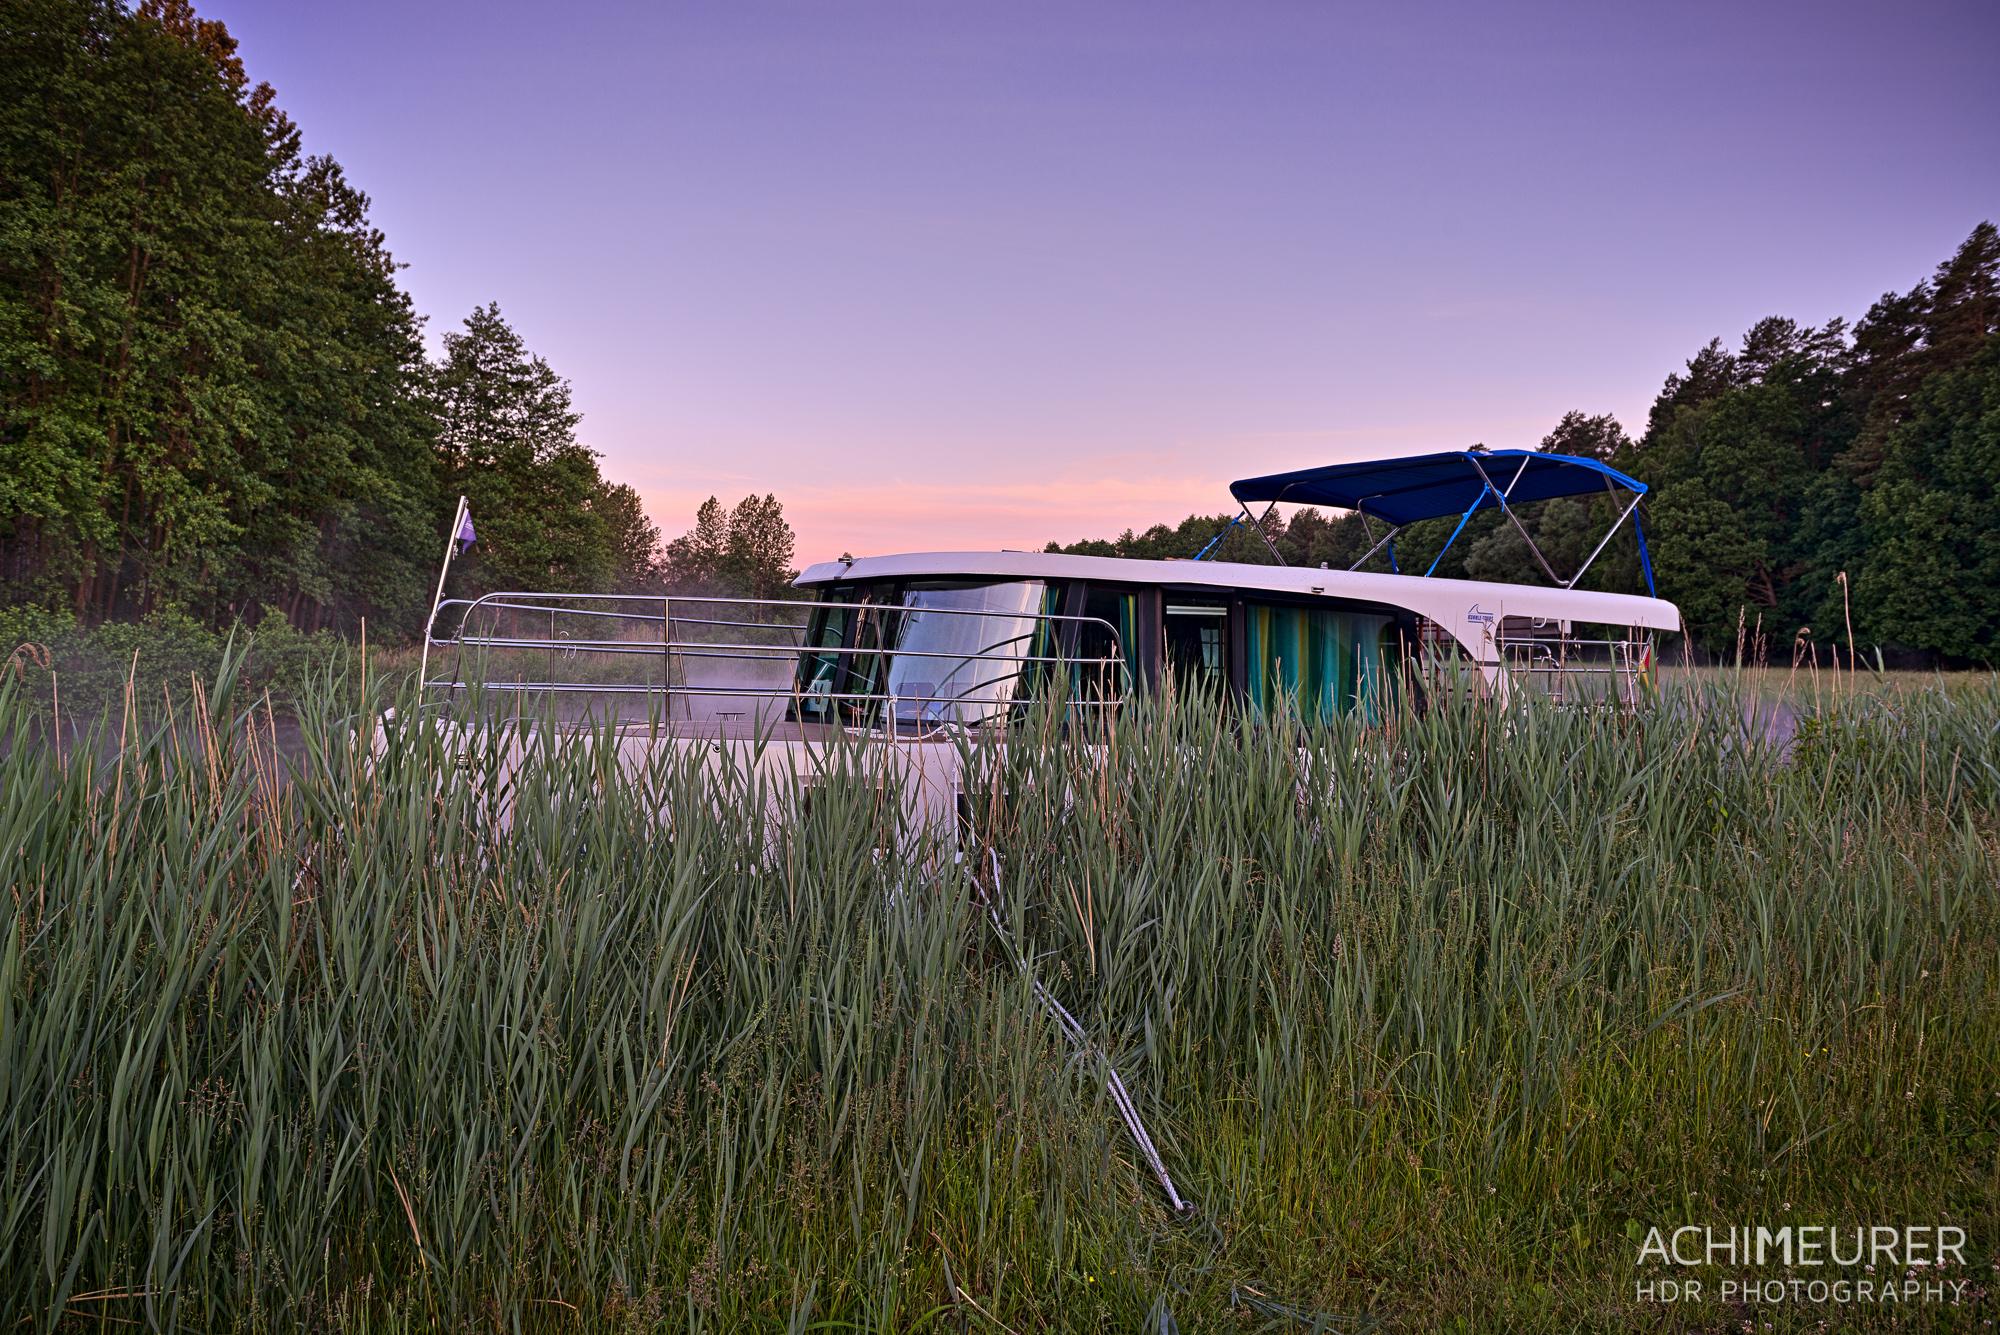 Hausboot-Kuhnle-Mueritz-Mecklenburg-Vorpommern-See_3390_89_88_87_86_HDR